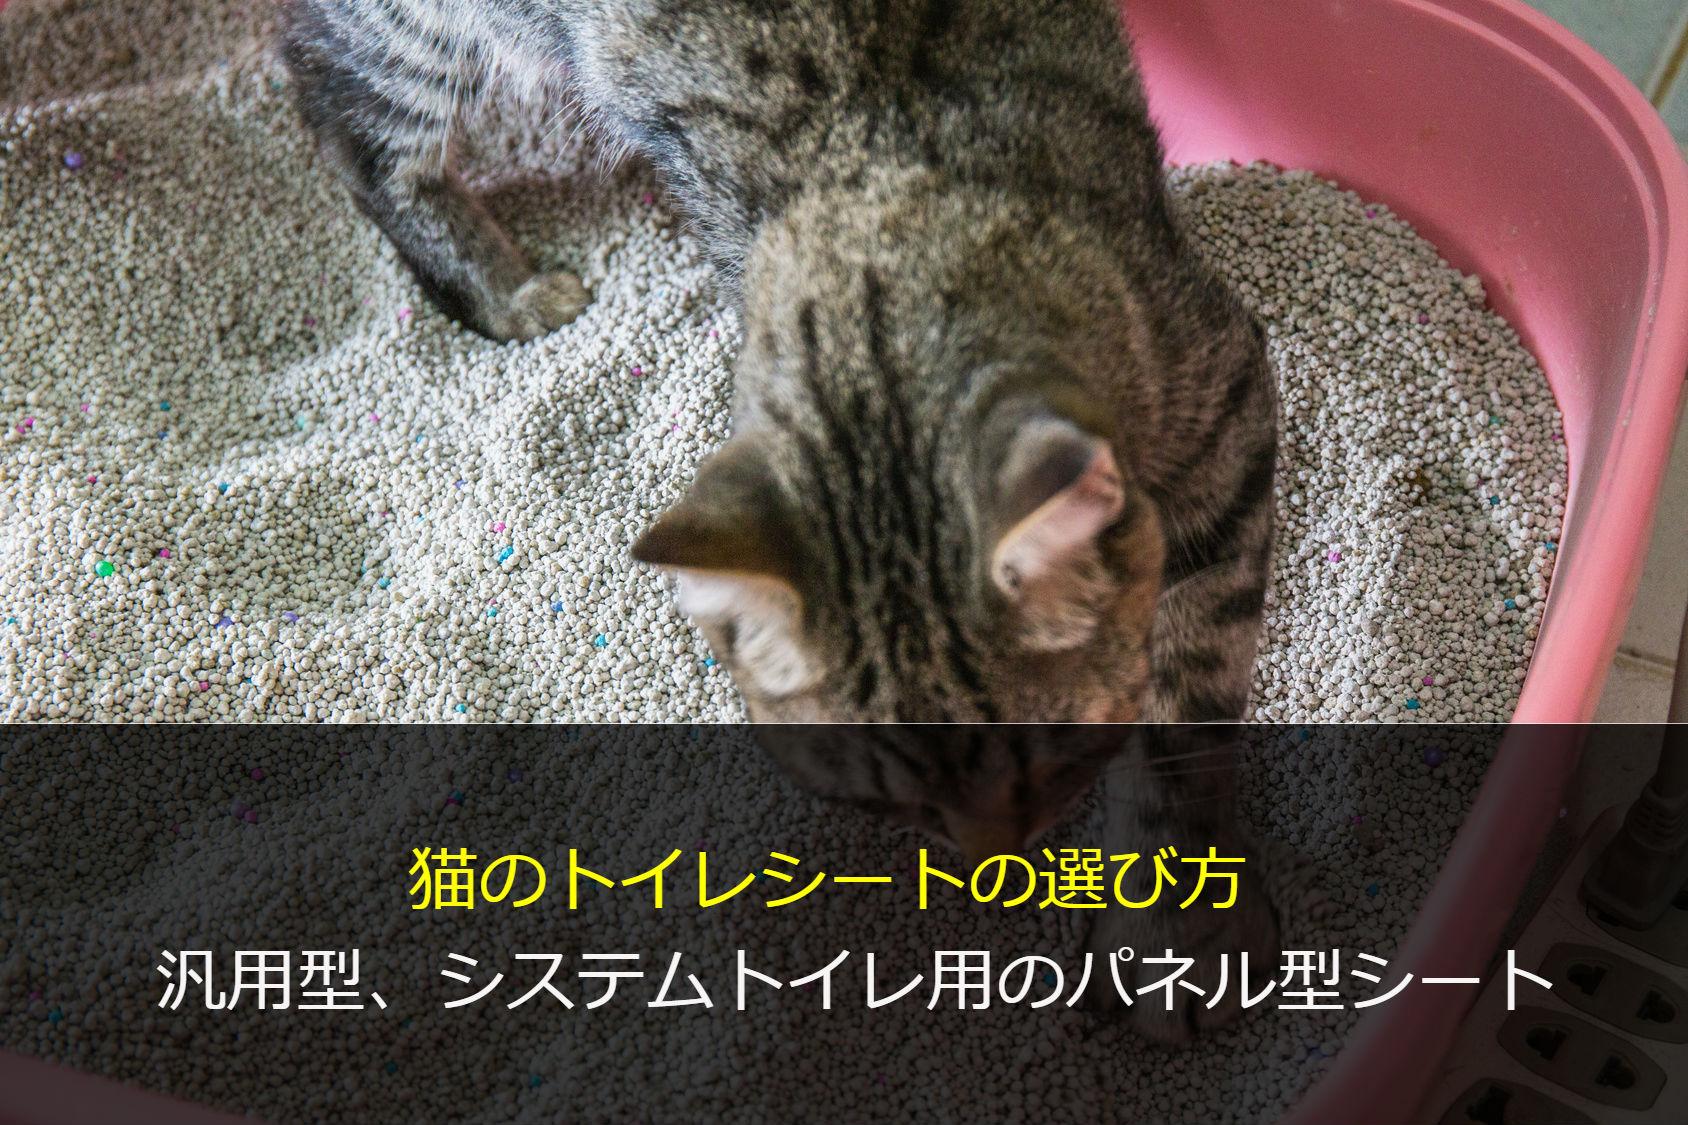 猫のトイレシート選び方